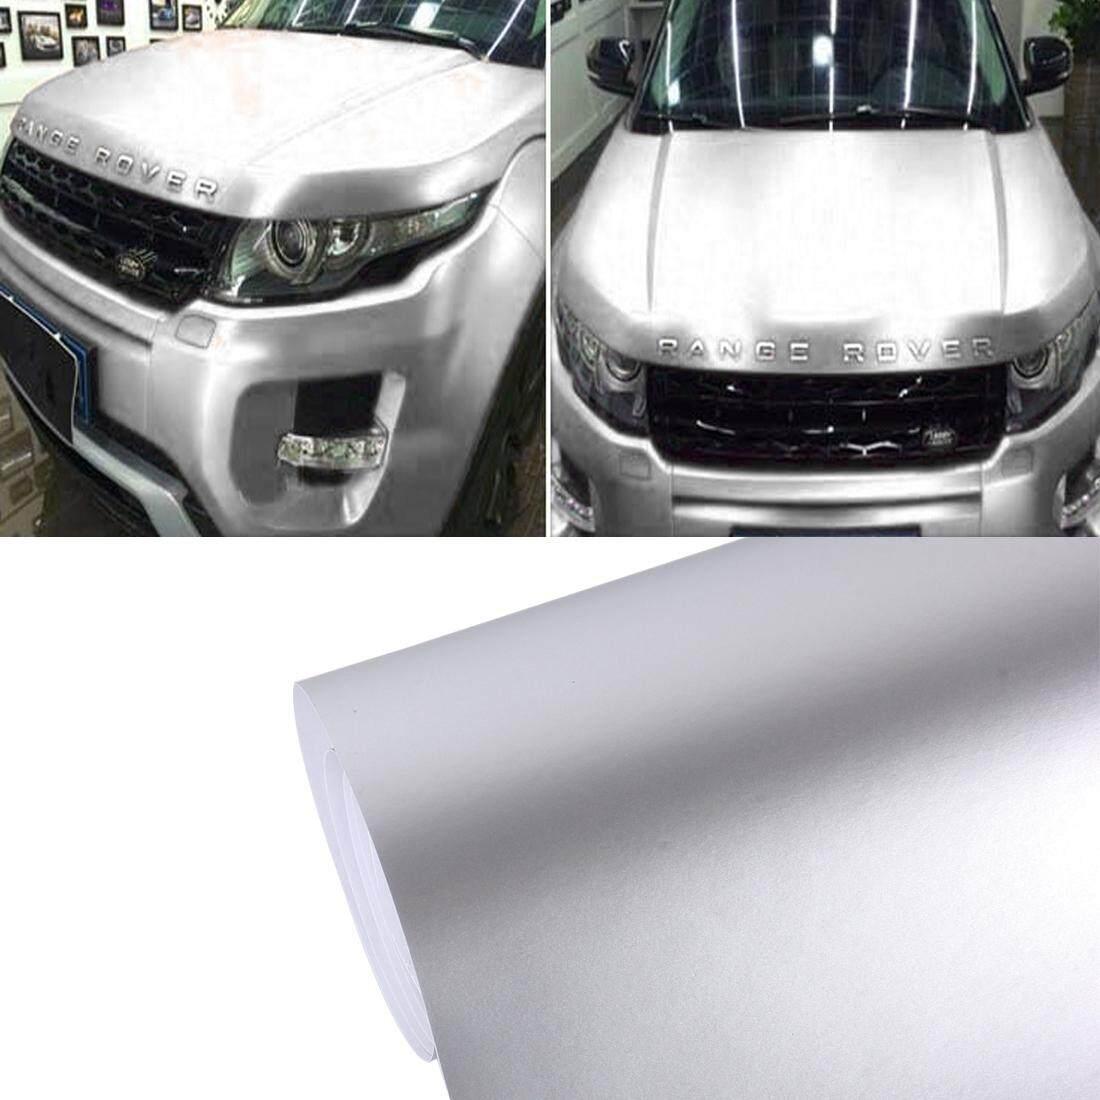 8 M * 0.5 M Es Biru Metalik Warna Tidak Mengkilap Icy Es Mobil Stiker Membungkus Sebuahuto Pembungkus Kendaraan Stiker Sepeda Motor Lembar tint Vinil Udara Gelembung Stiker (Perak) -Internasional